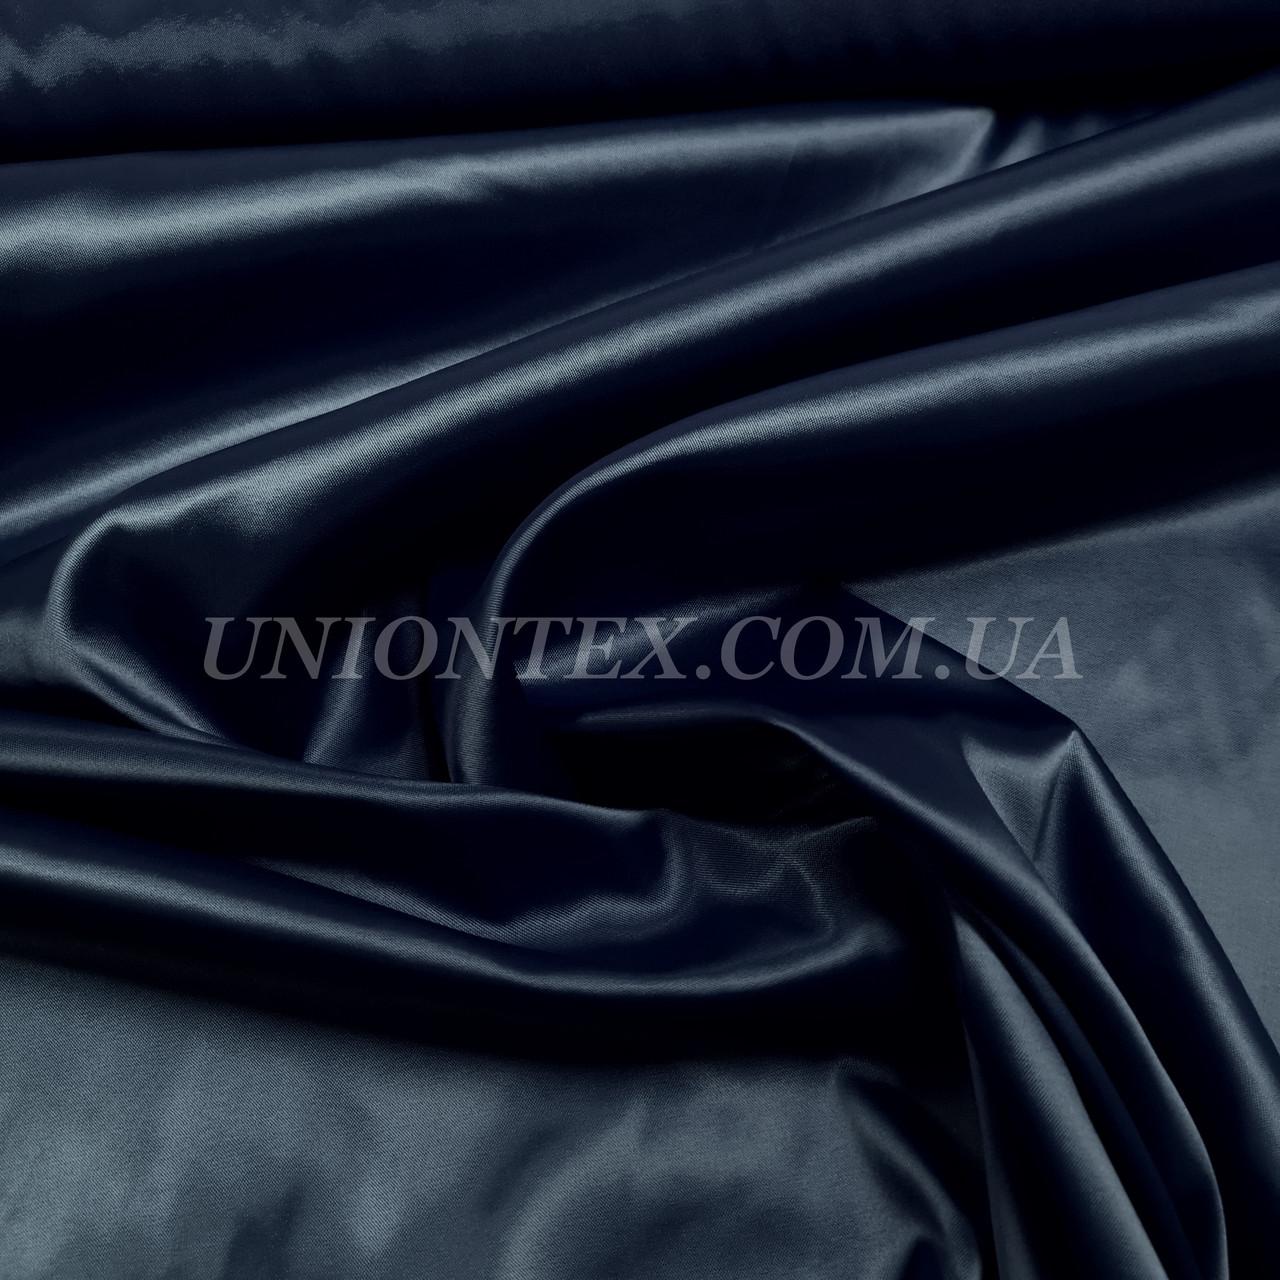 Атлас королевский плотный темно-синий